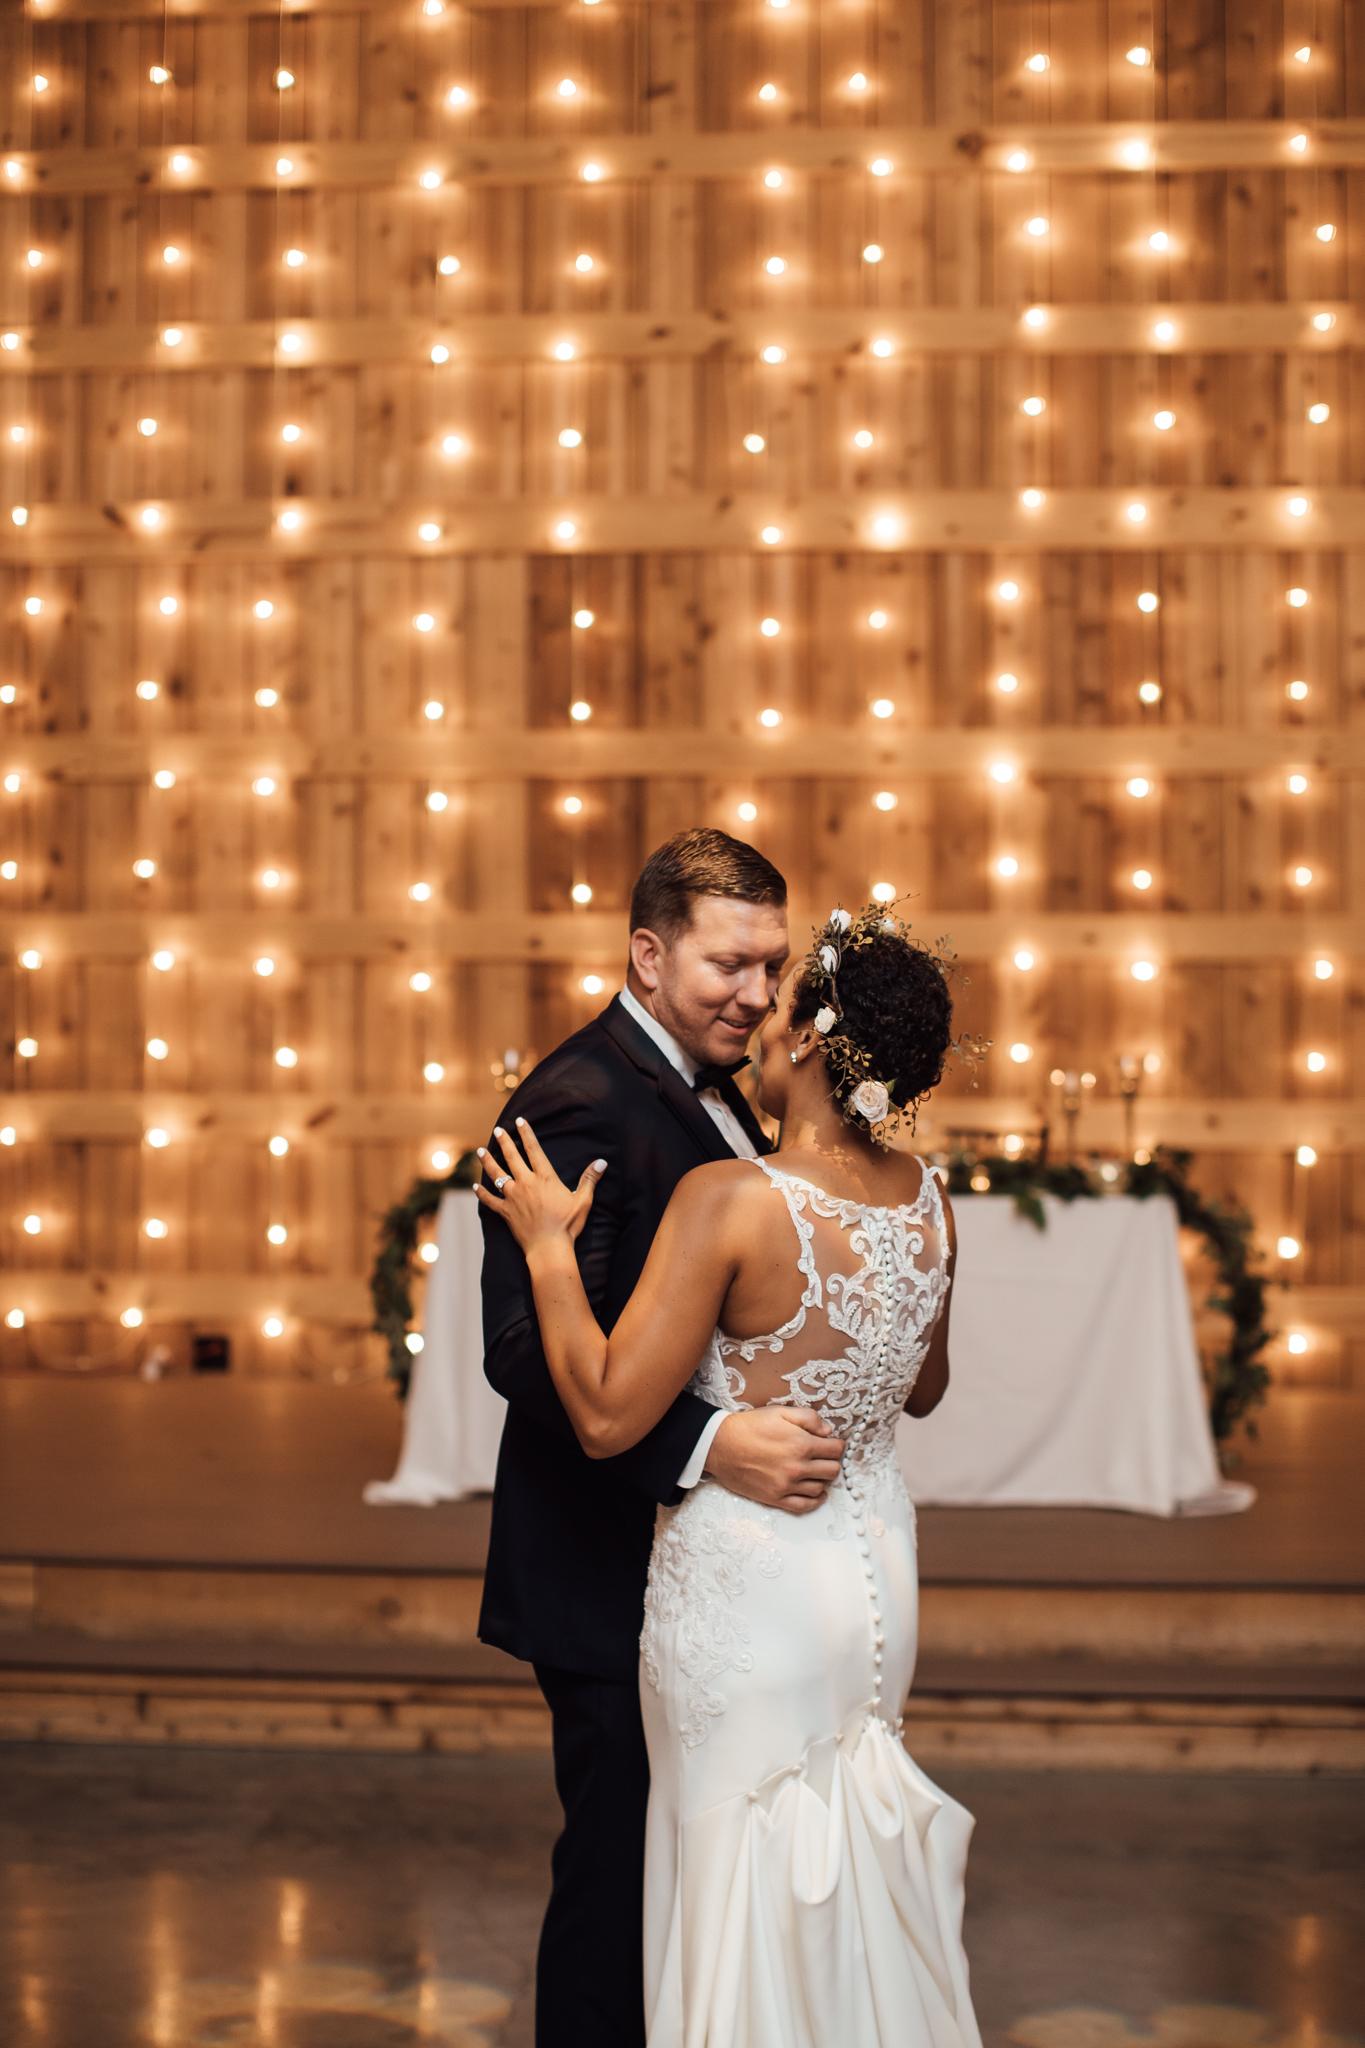 saddlewoodsfarms-nashville-wedding-photographer-thewarmtharoundyou-rustic-wedding (52 of 251).jpg